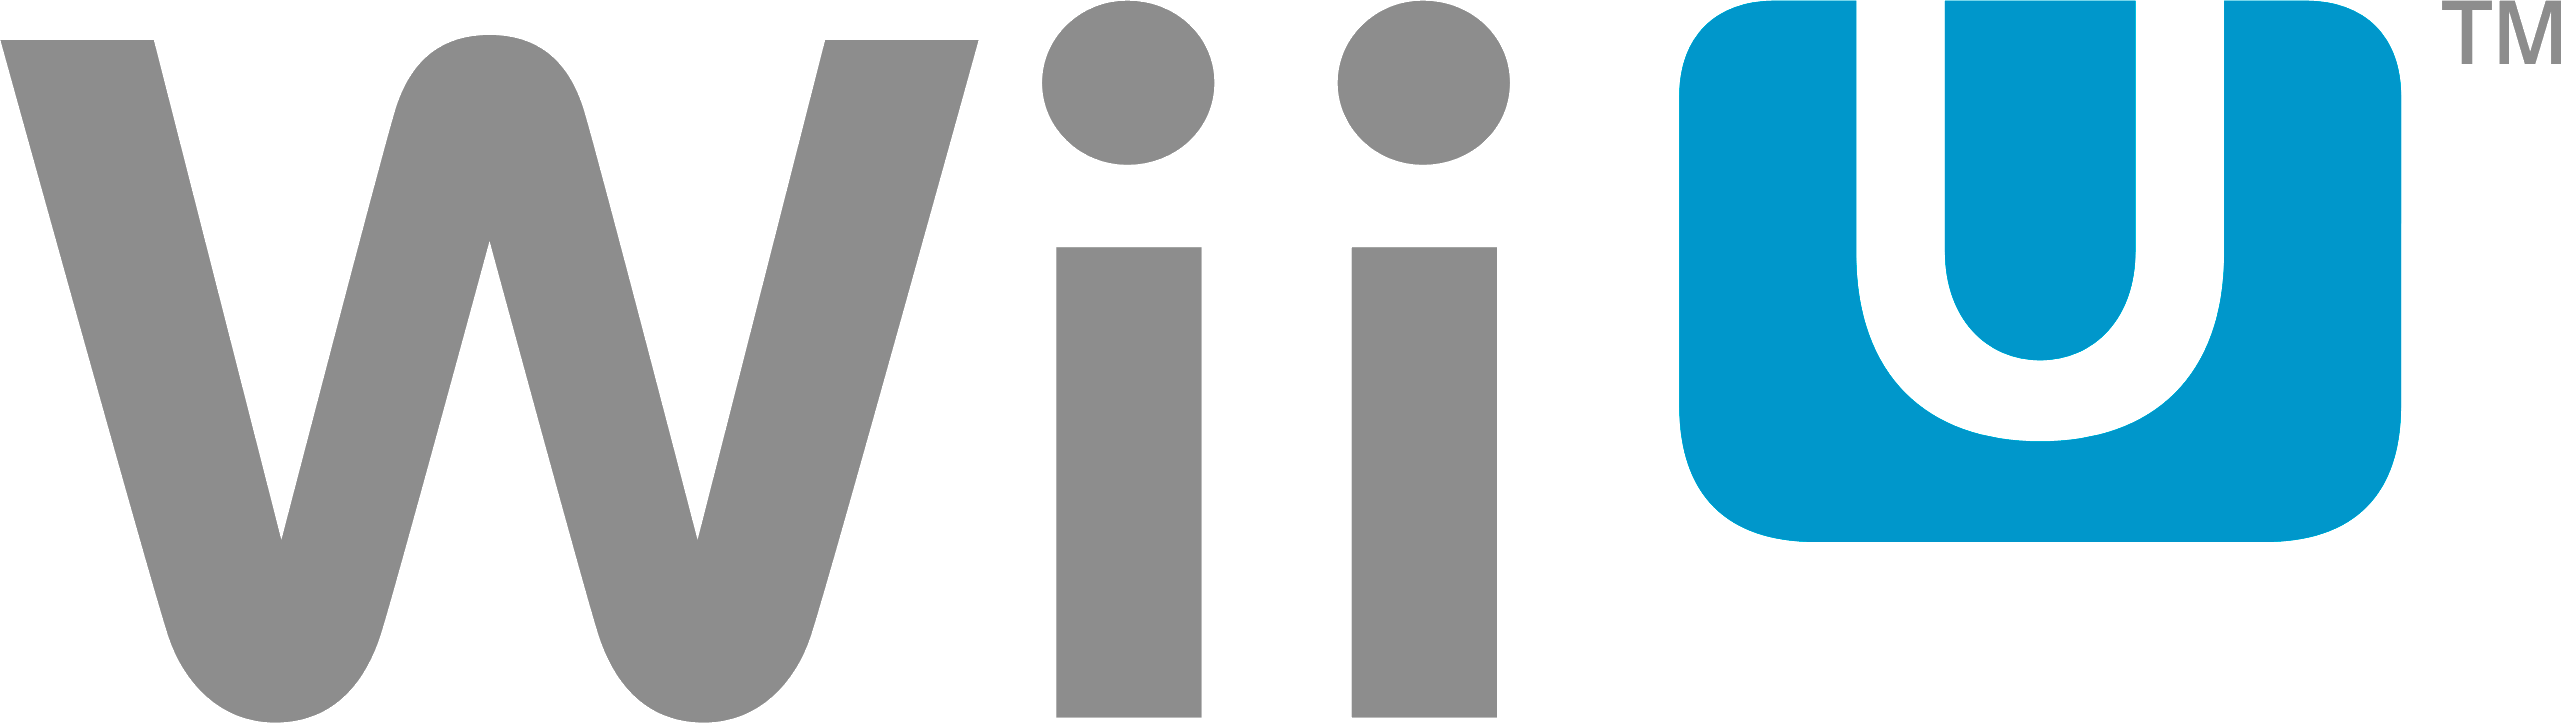 Logo do Wii U.